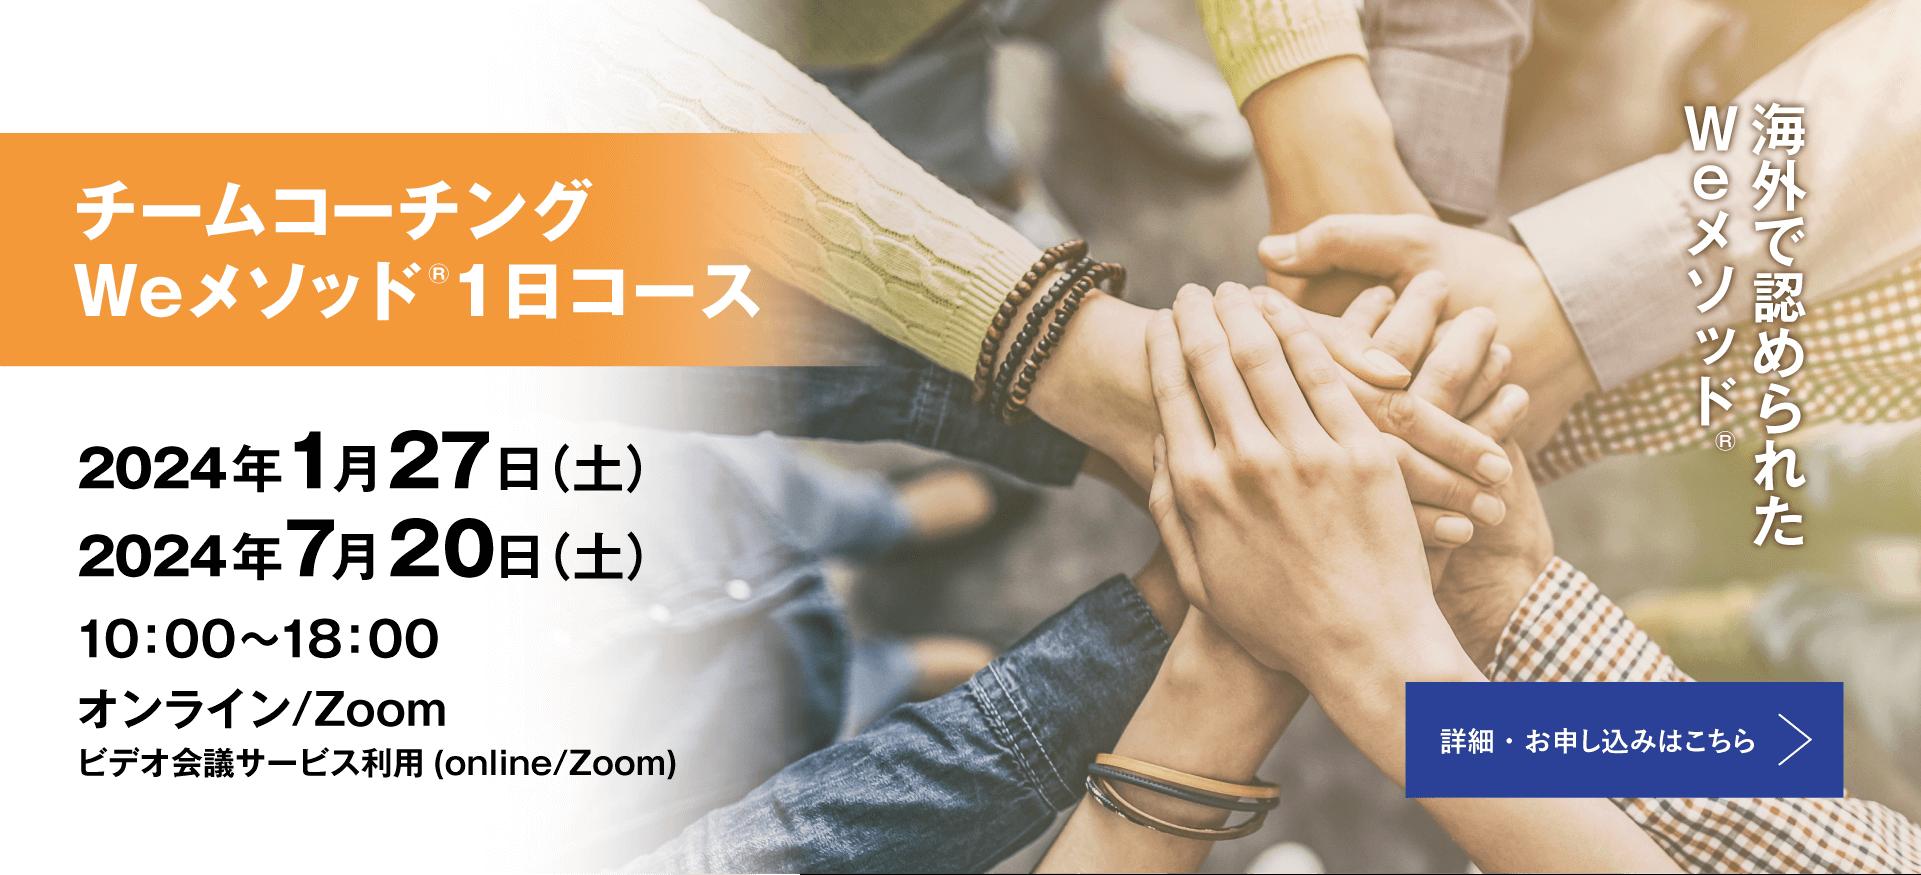 チームコーチング Weメソッド®1日コース 2018年2月24日(土)東京/東銀座TKKセミナールーム 5月25日(金)大阪/エル・おおさか 11月17日(土)名古屋/ウインクあいち 海外で認められた Weメソッド® 詳細・お申し込みはこちら